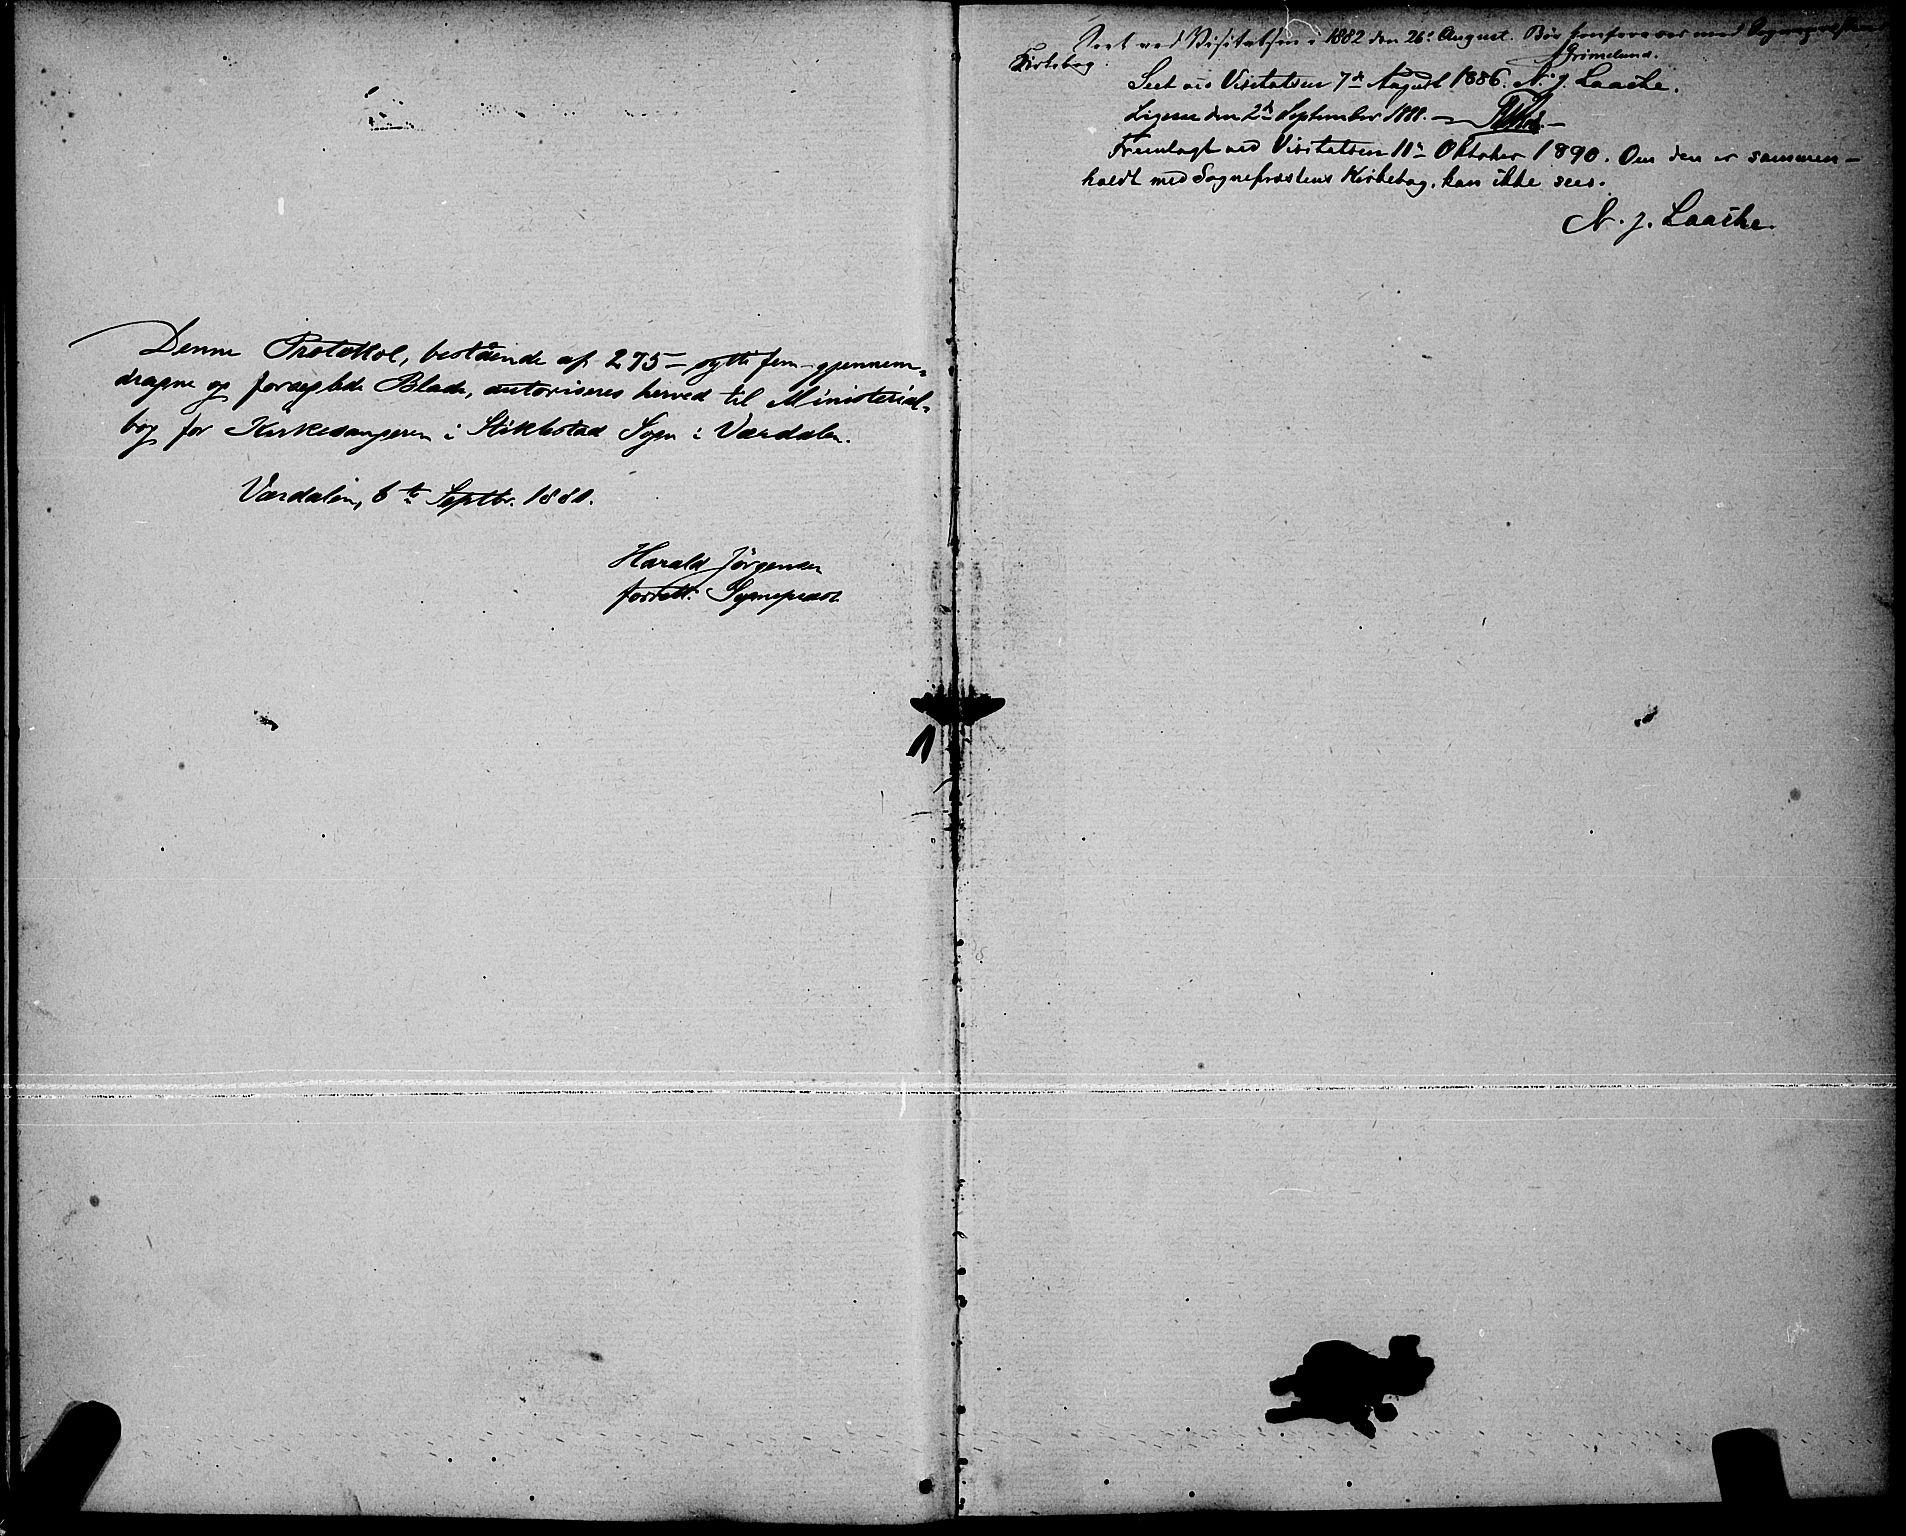 SAT, Ministerialprotokoller, klokkerbøker og fødselsregistre - Nord-Trøndelag, 723/L0256: Klokkerbok nr. 723C04, 1879-1890